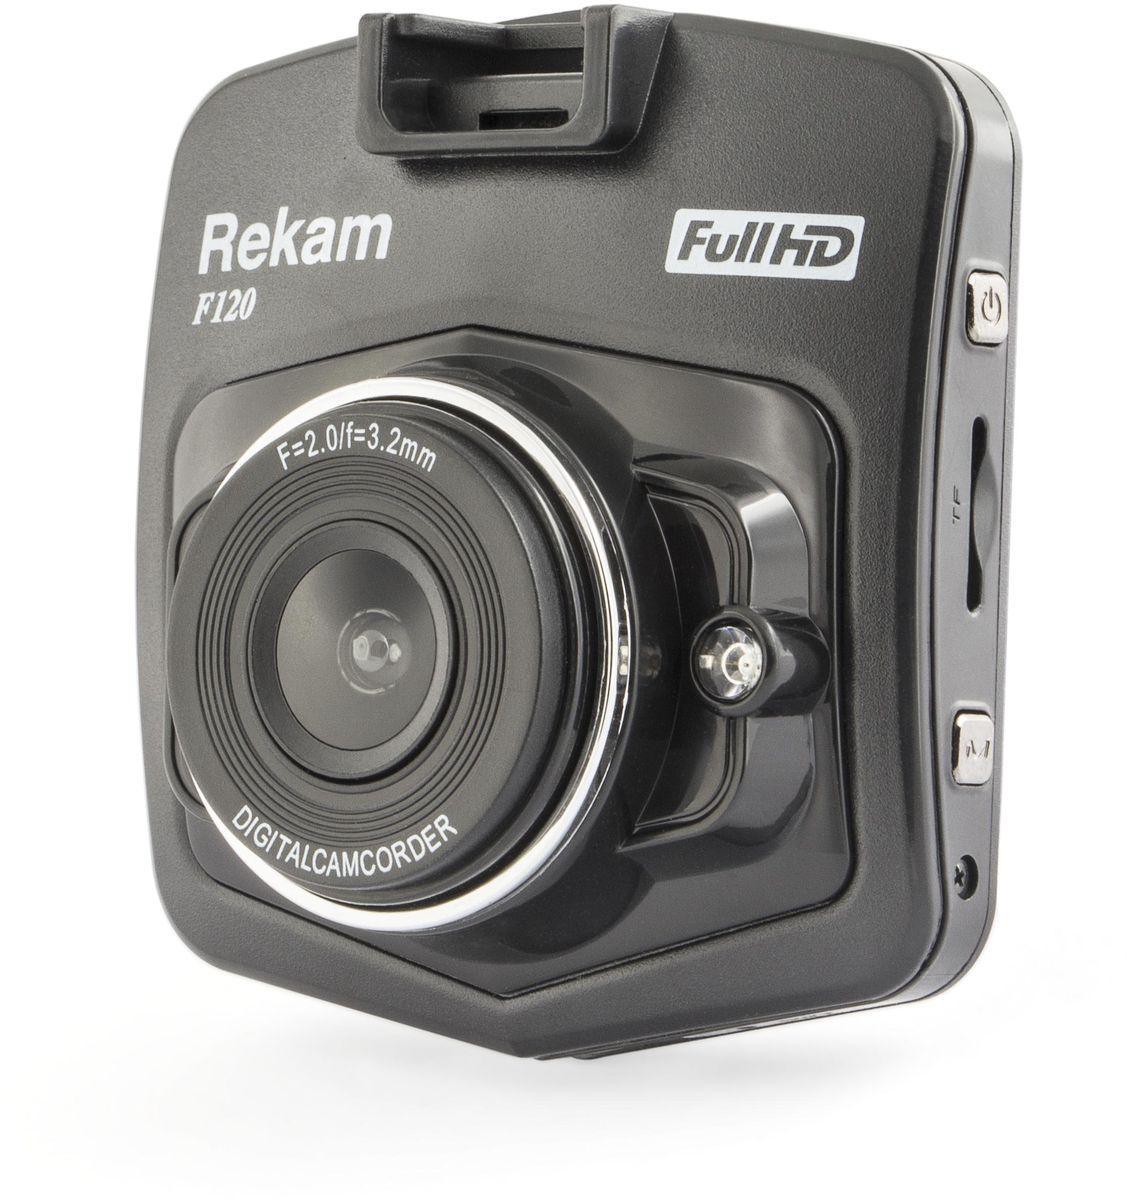 Rekam F120, Black видеорегистратор2603000011Rekam F120 - компактный и простой в использовании видеорегистратор. Оснащен самыми необходимыми функциями для качественной записи обстановки на дороге.6-линзовый объектив обеспечивает достойное качество съемки в различных условиях освещения. Улучшить видимость в ночное время дает возможность светодиодная подсветка. Объектив с обзором 140° позволяет в полной мере охватить ситуацию на дороге, обеспечивая минимальные искажения по краям. Благодаря яркому ЖК-экрану отснятое видео удобно просматривать на видеорегистраторе. Для расширения функциональных возможностей видеорегистратор оснастили 3-х осевым G-сенсором, на основе которого были реализованы режим защиты записи при ударе, а также режим Парковка.